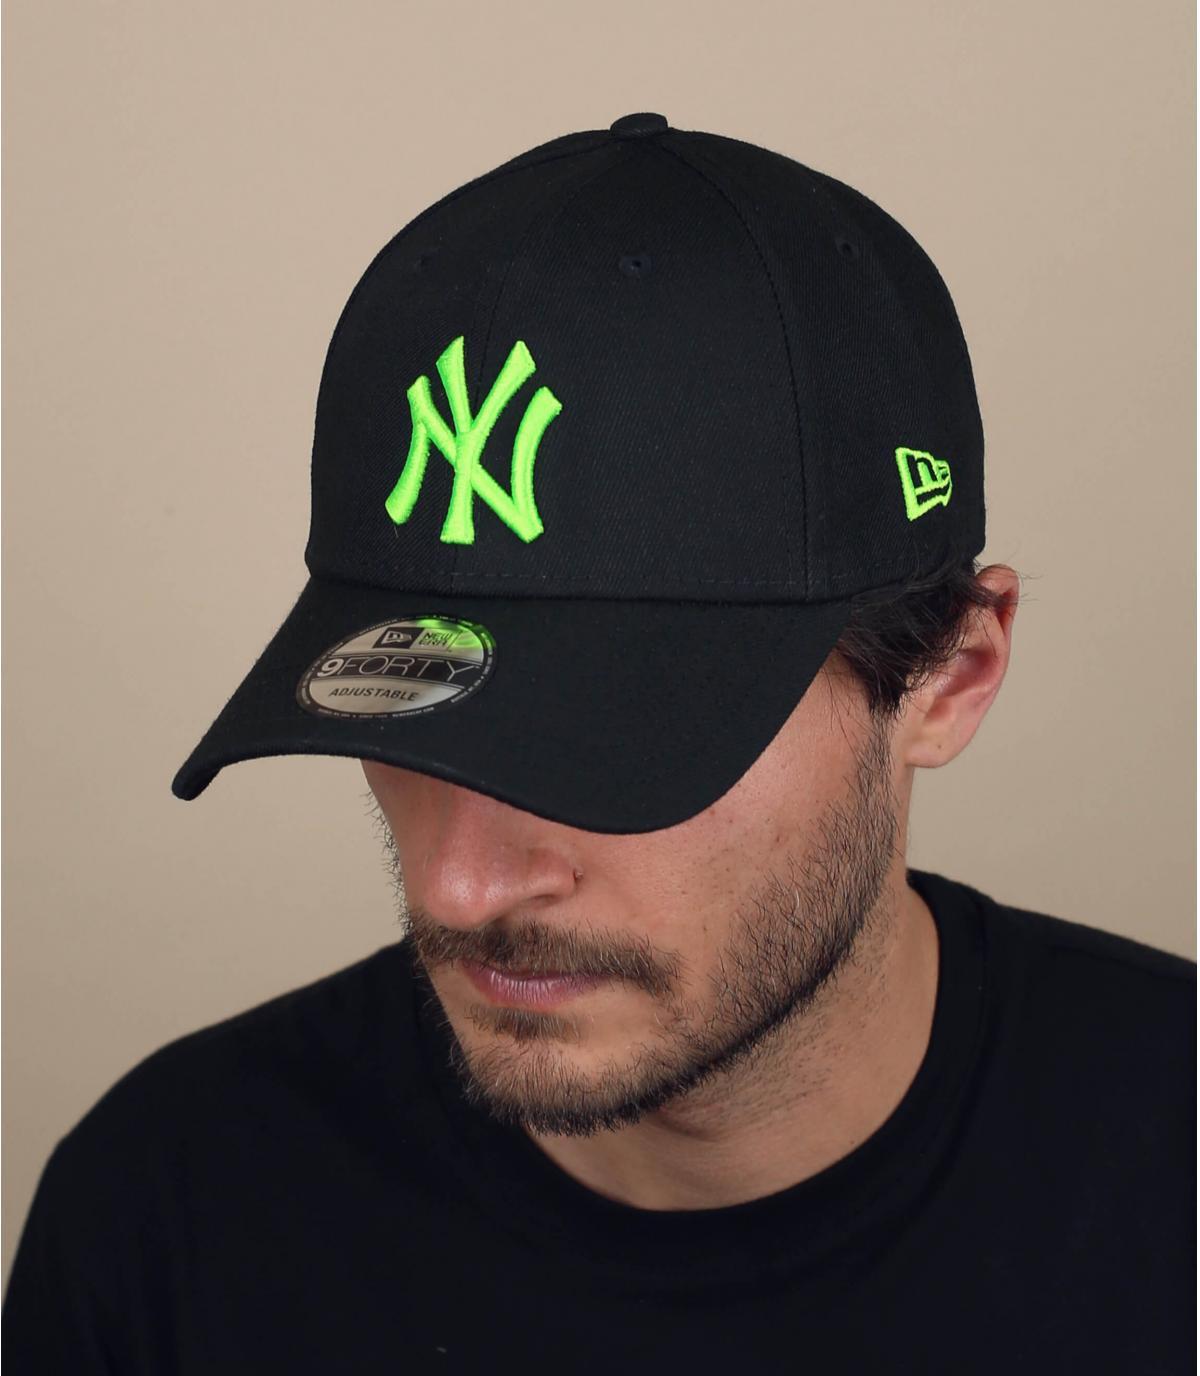 Cappellino NY nero e verde fluo